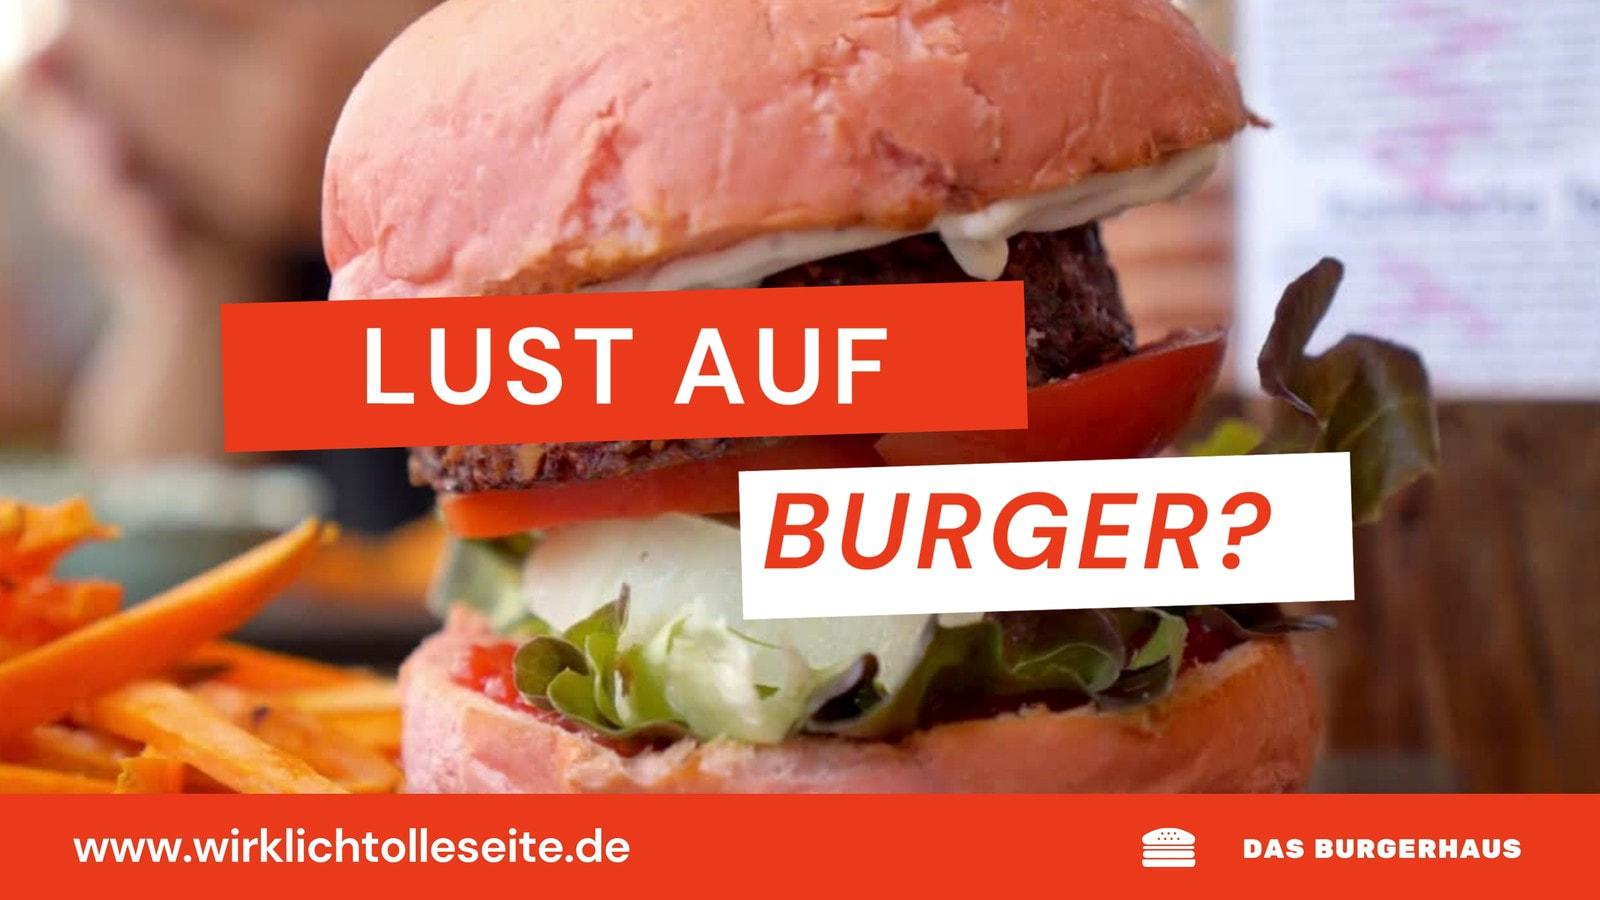 Rot und Weiß Burger Essen Geschäft/Restaurant 16:9 Video